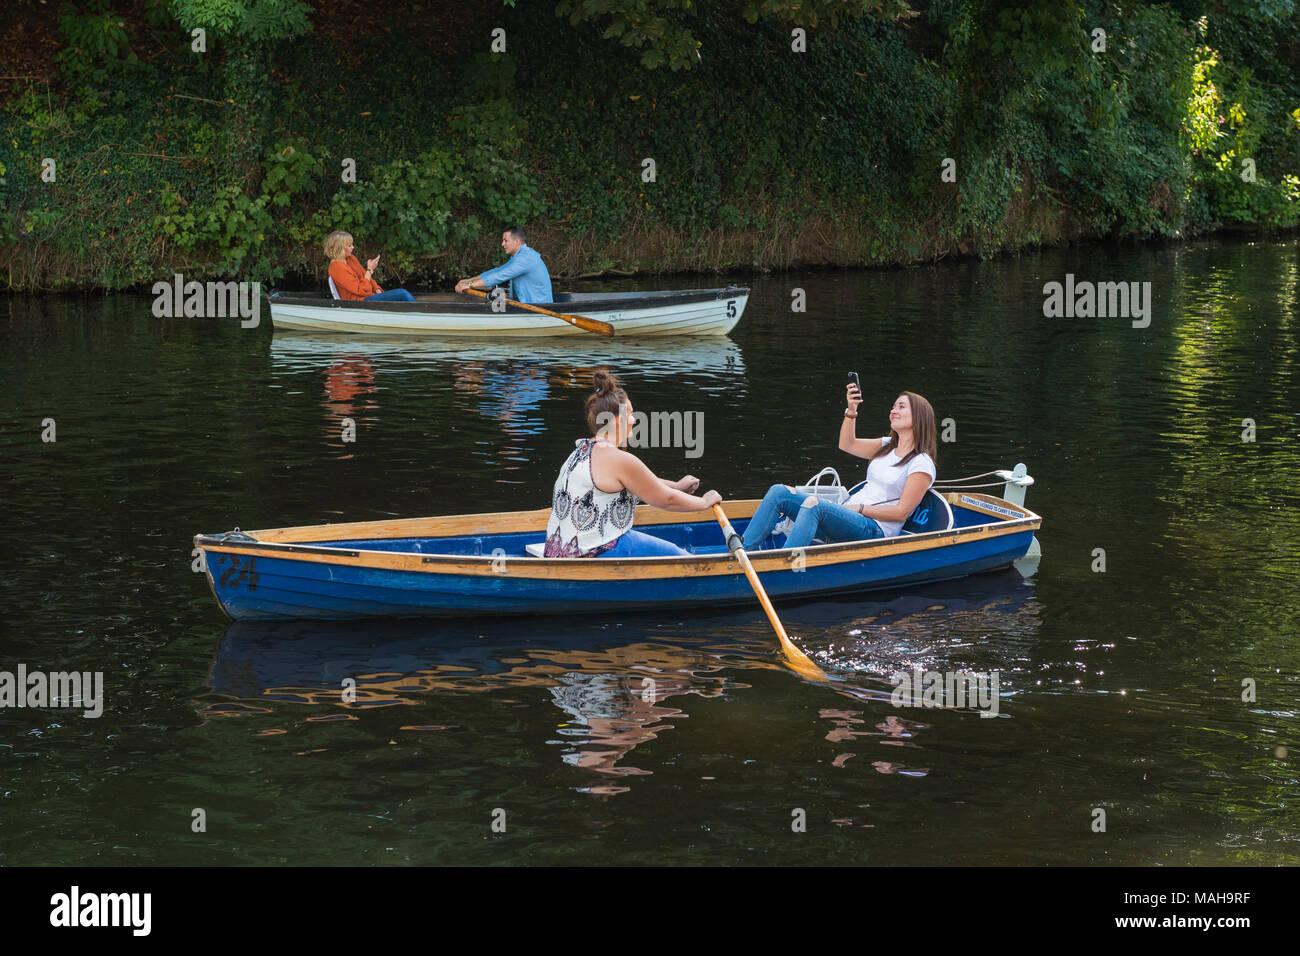 4 personnes bateau, de se détendre et s'amuser dans 2 barques (1 jeune femme en bateau prend Rivière Nidd selfies) - en été, Knaresborough, England, UK. Photo Stock